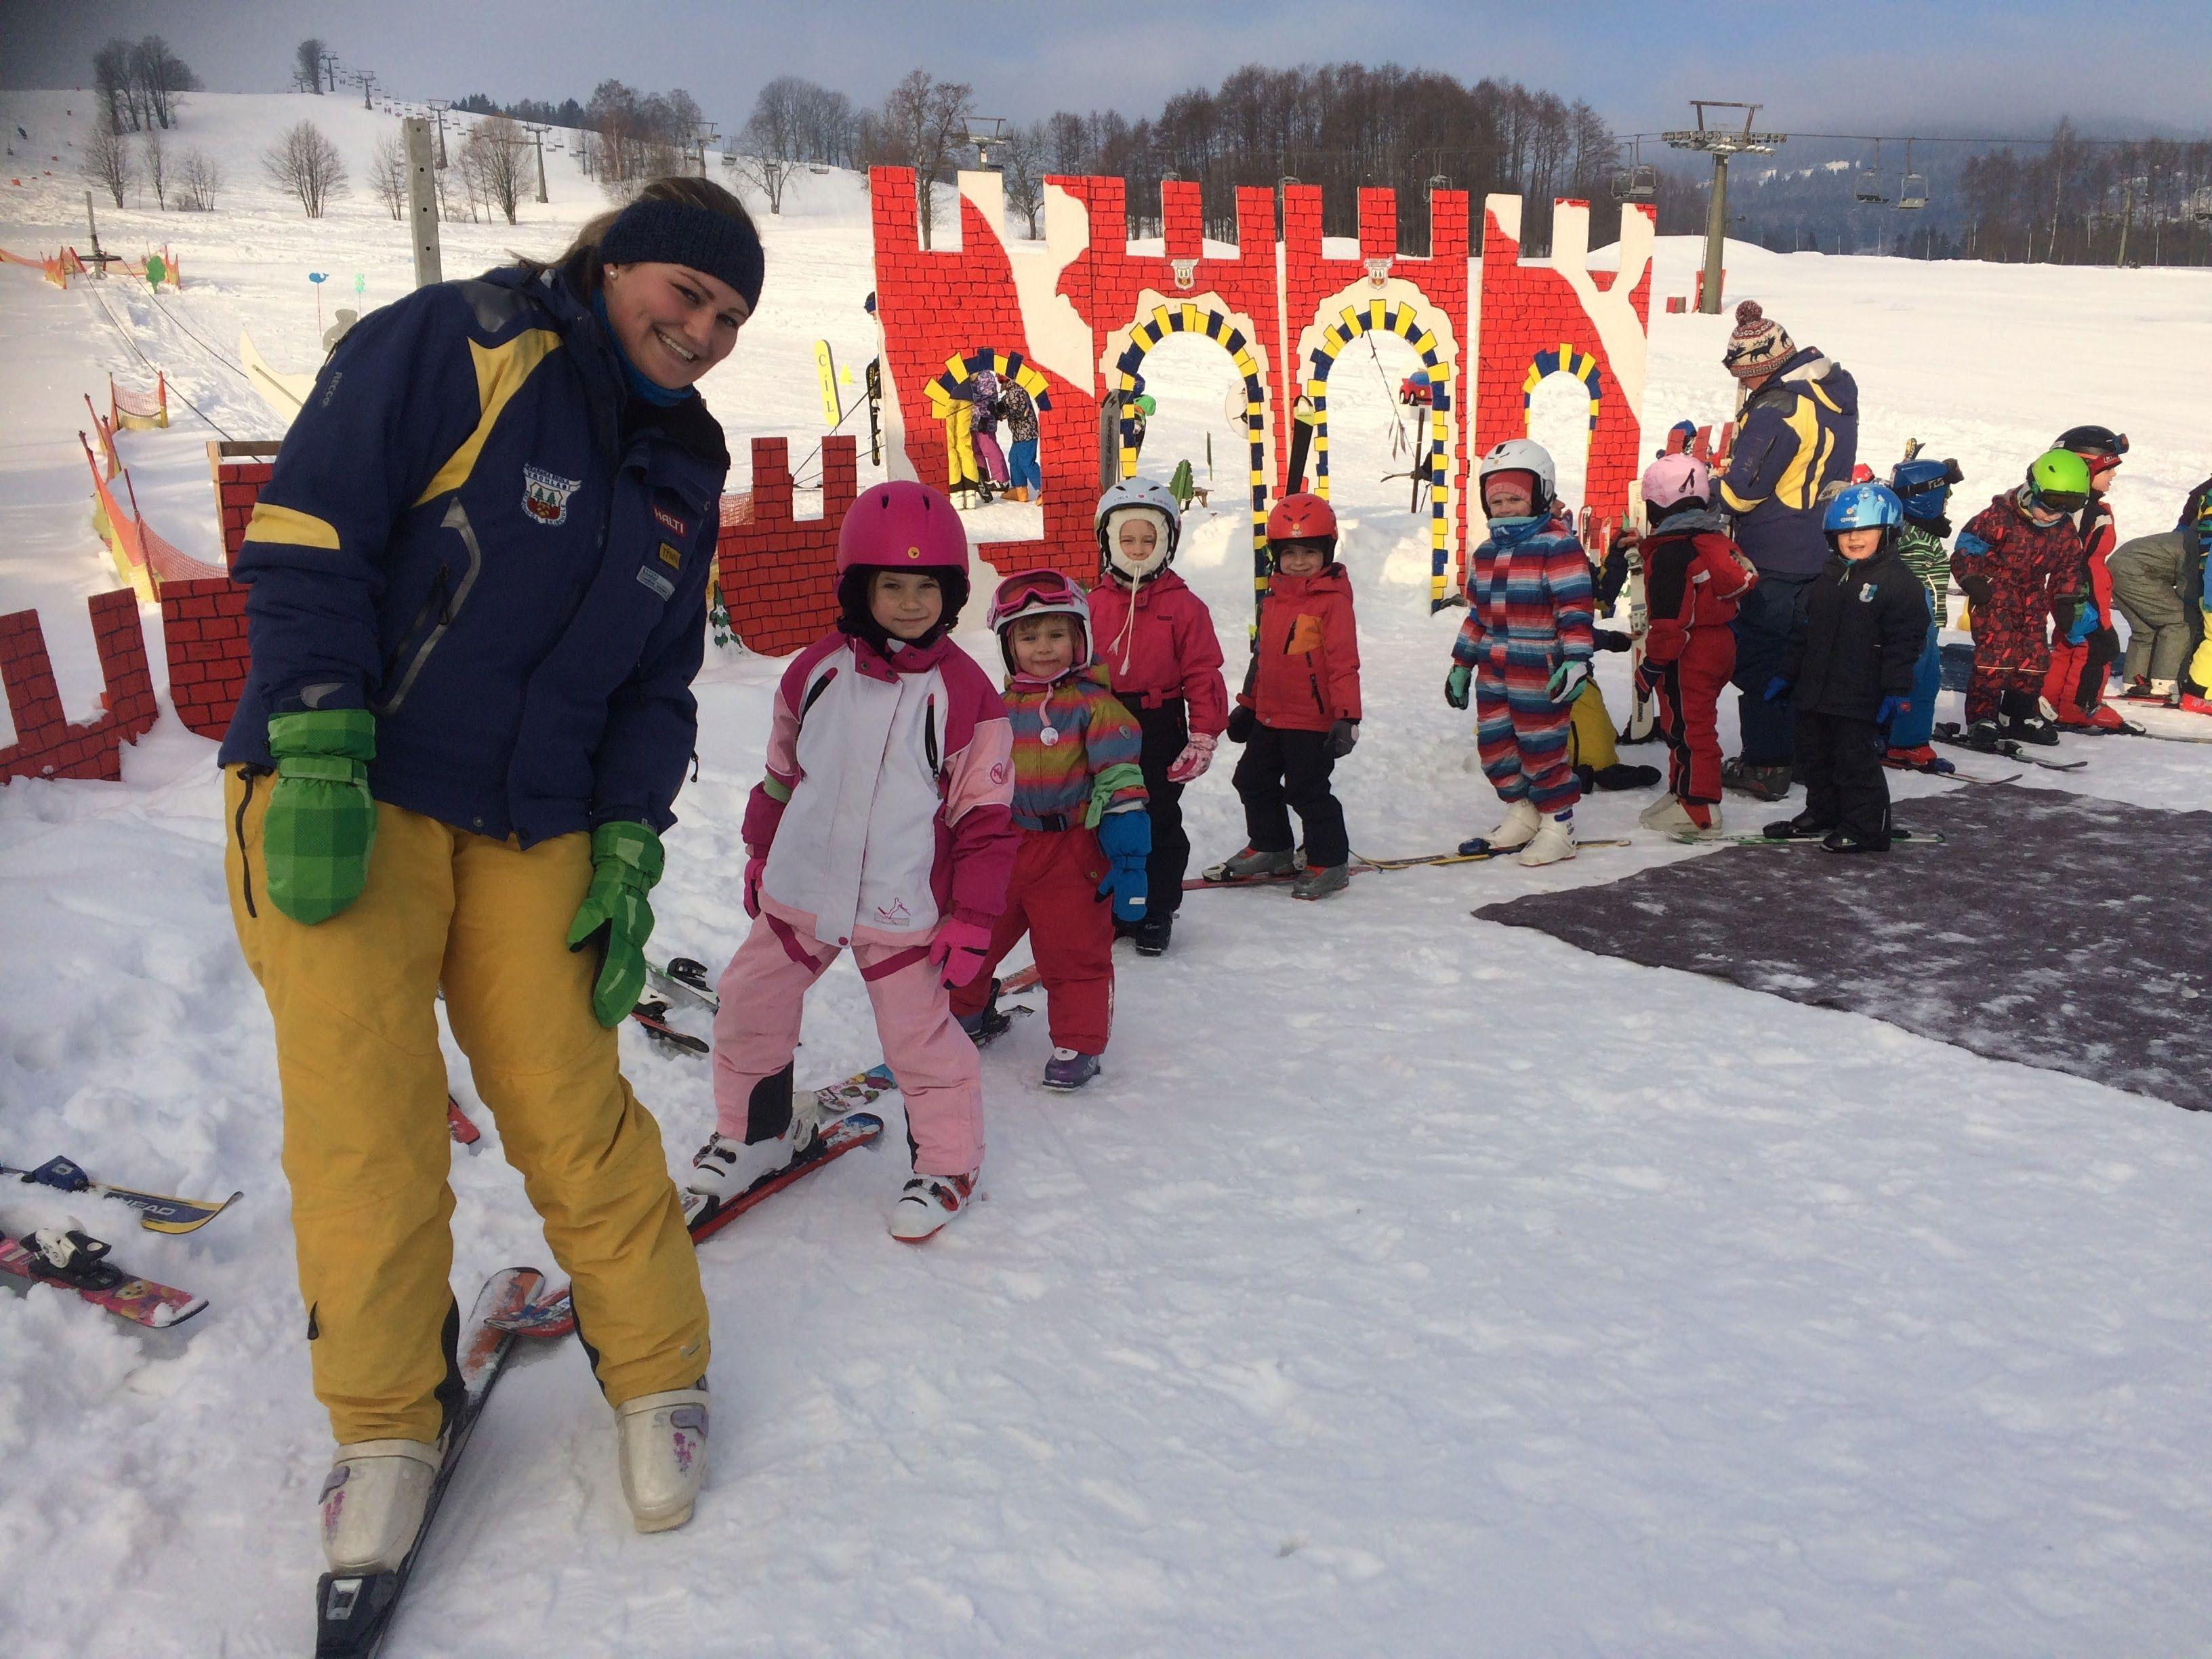 Clases de esquí para niños para todos los niveles